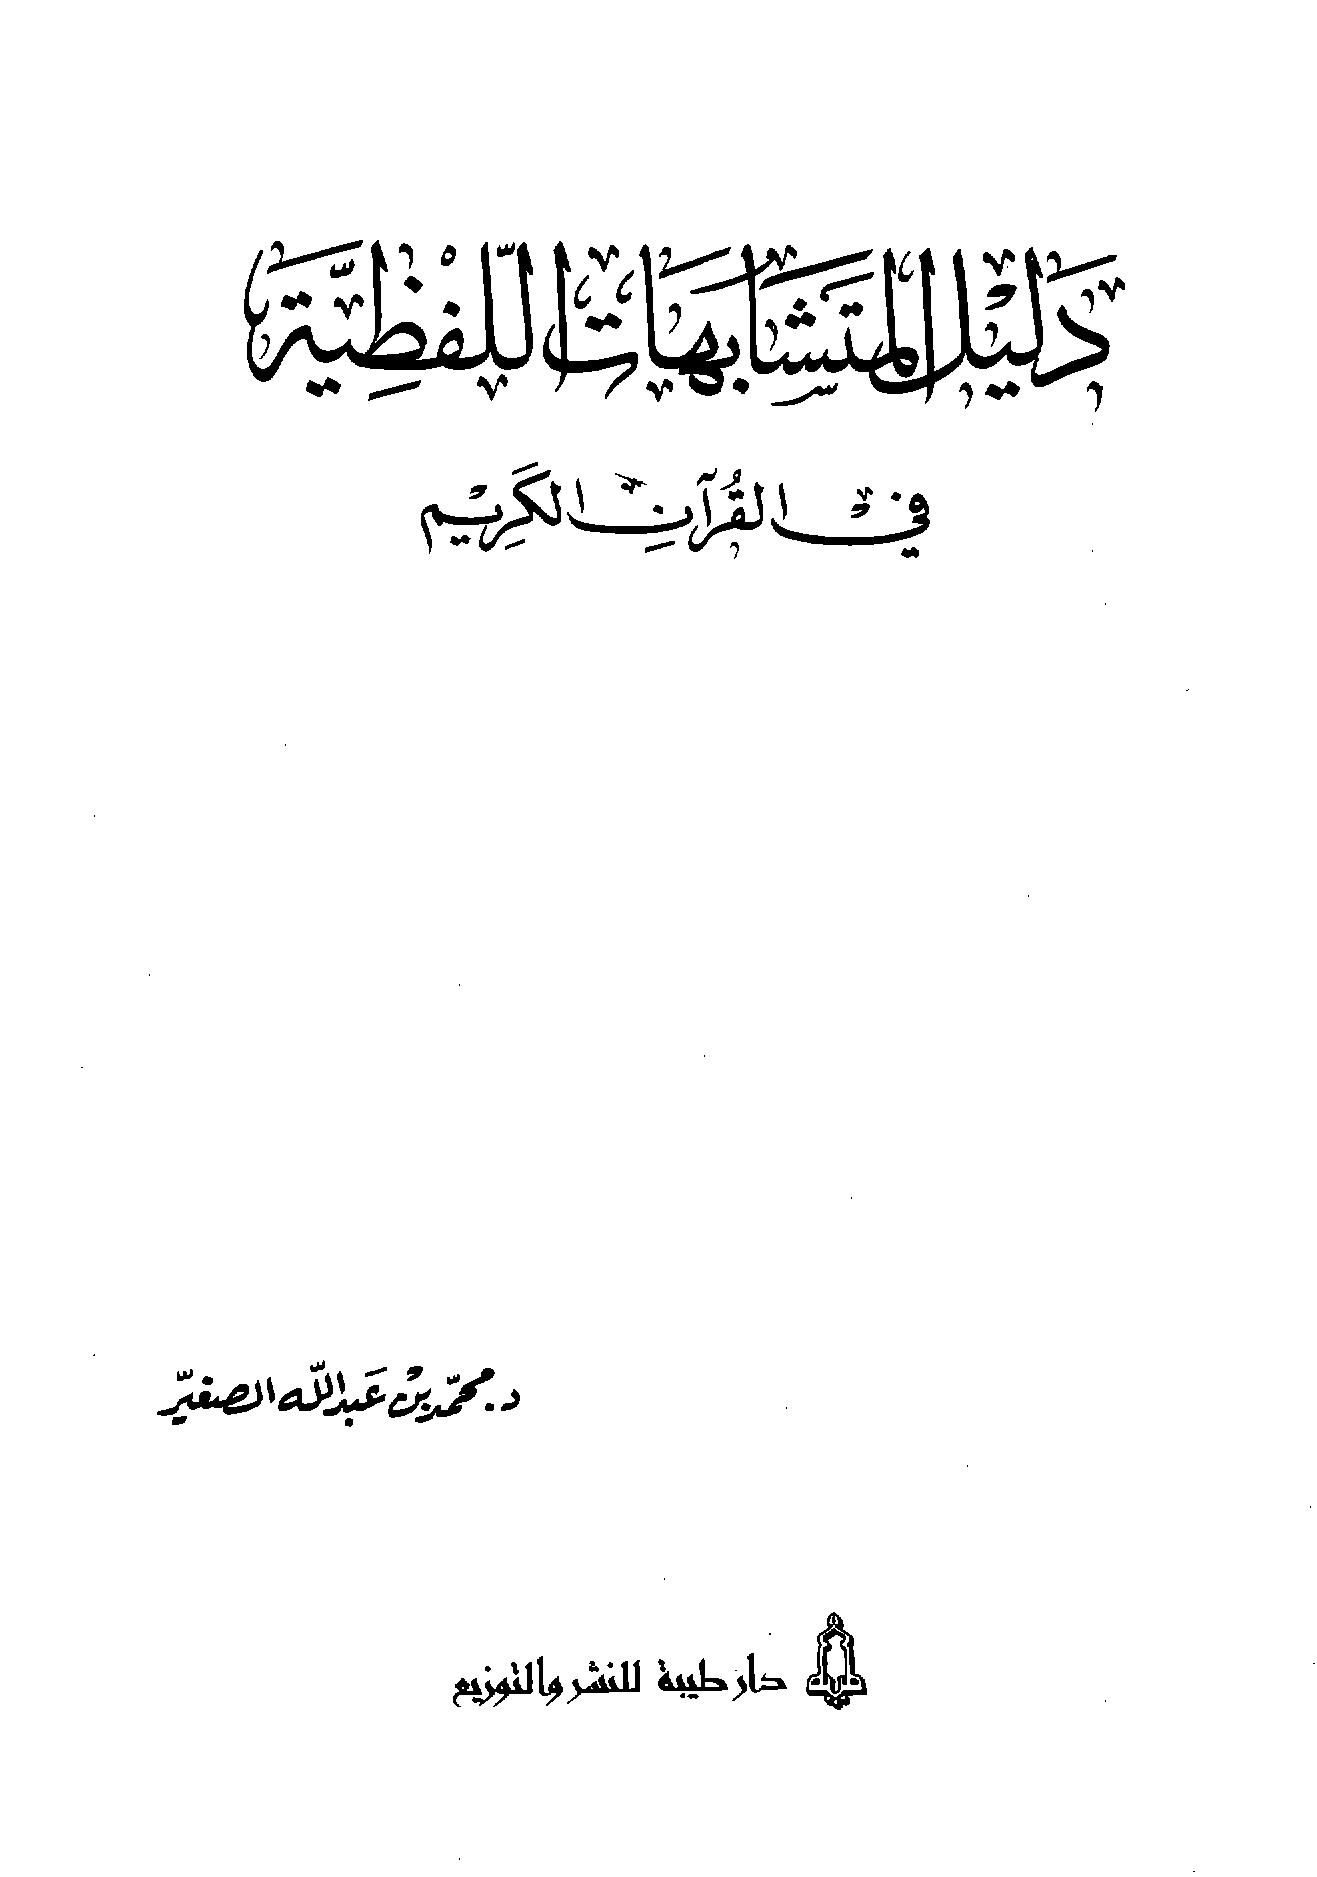 تحميل كتاب دليل المتشابهات اللفظية في القرآن الكريم لـِ: الدكتور محمد بن عبد الله بن محمد الصغير